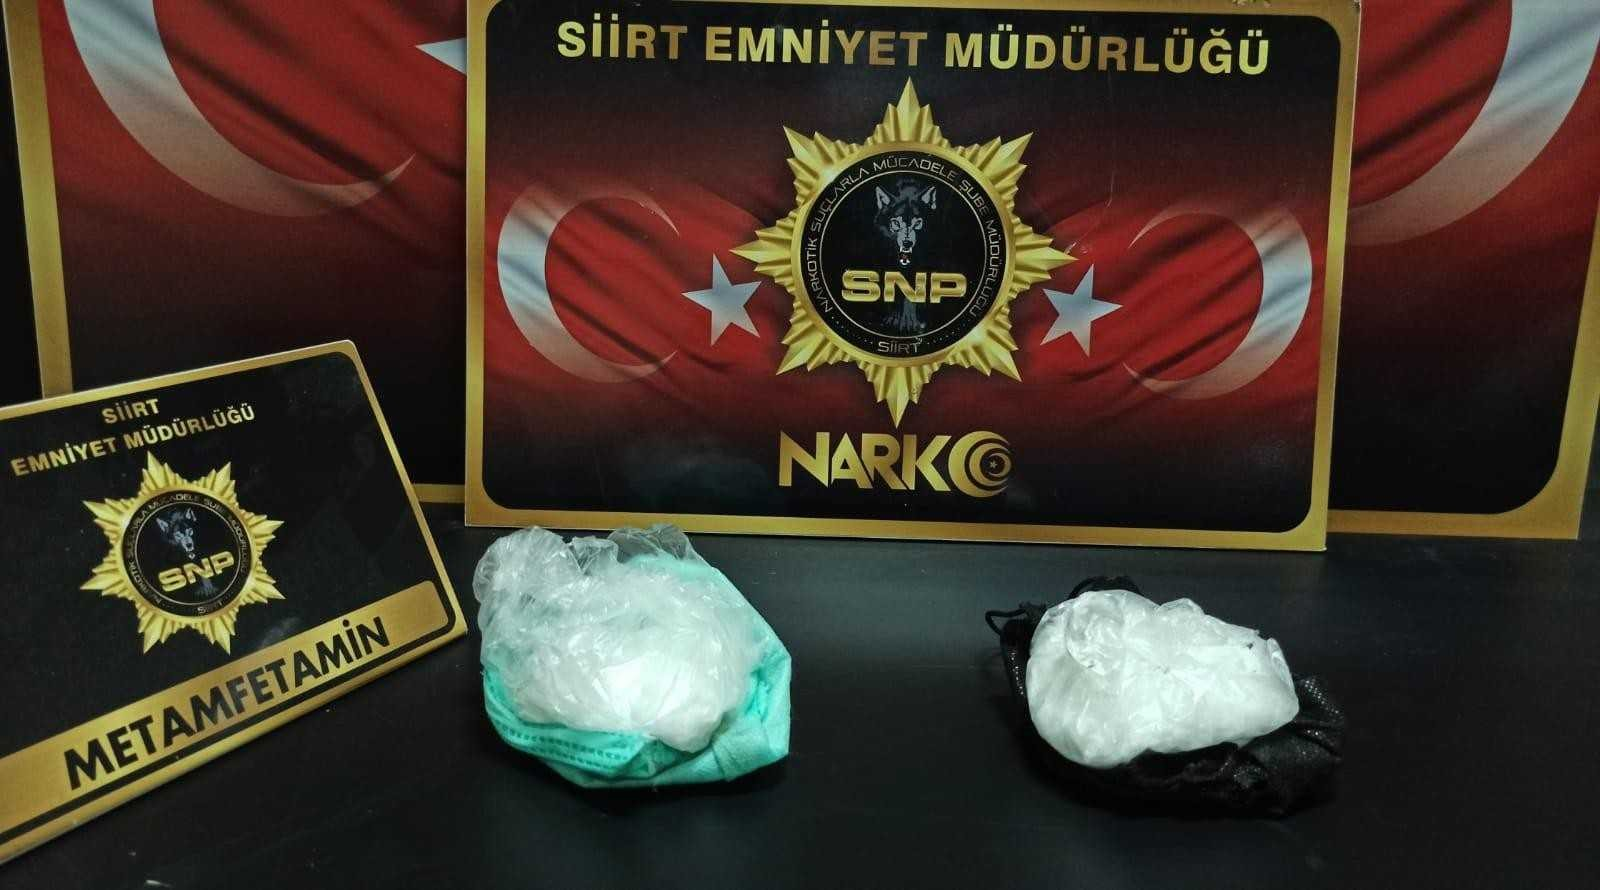 Siirt'te 500 kişiyi zehirleyecek uyuşturucu madde ele geçirildi